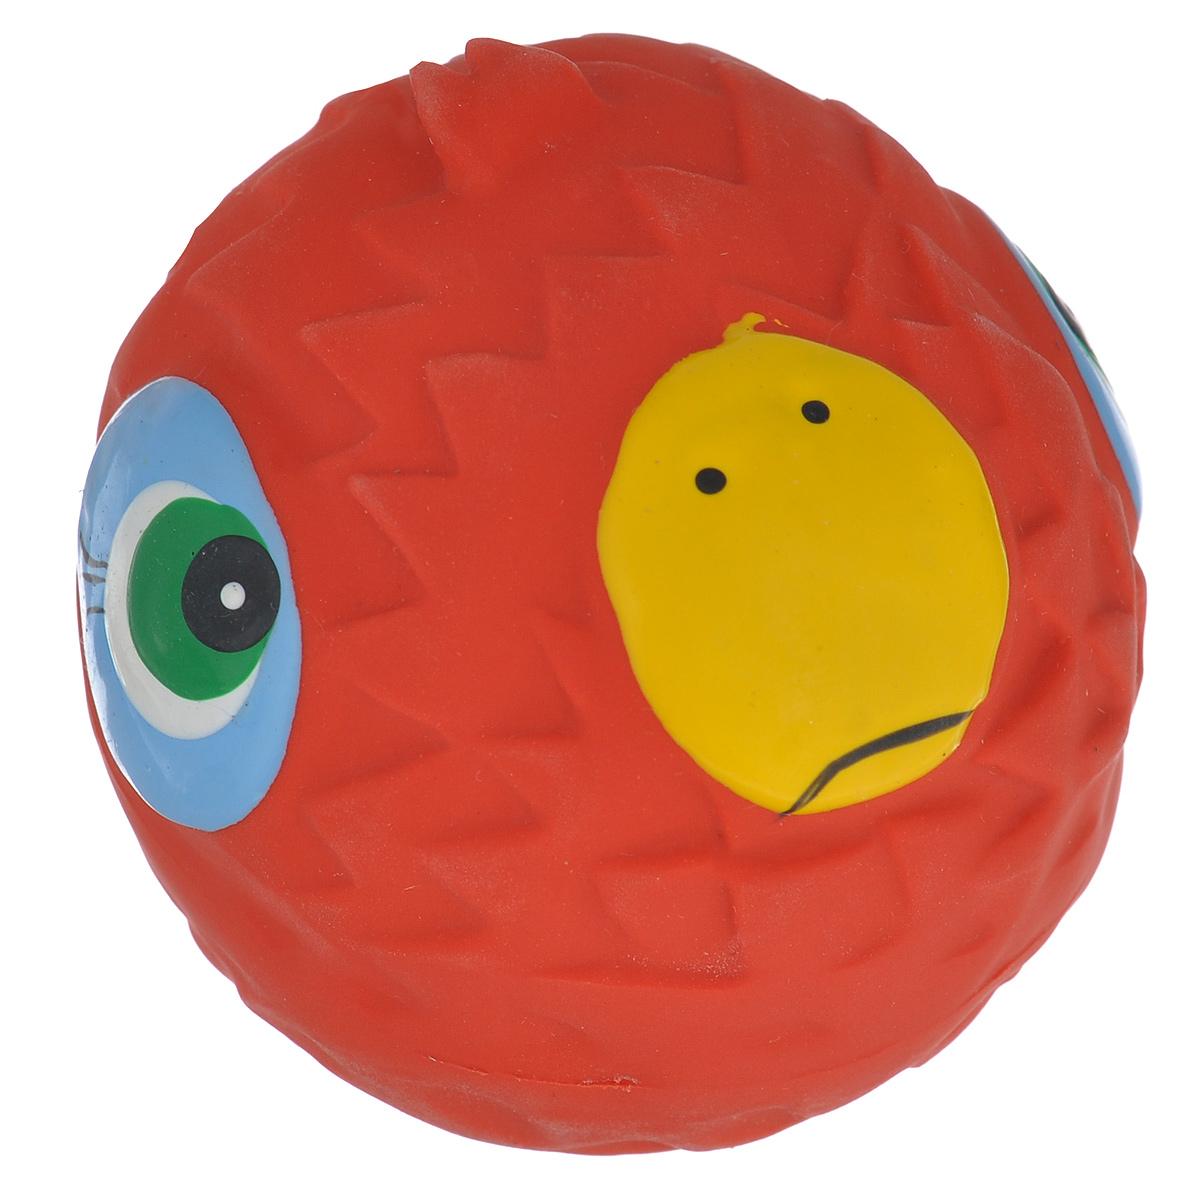 Игрушка для собак Beeztees Мяч с мордочкой, цвет: красный0120710Прочная игрушка Beeztees Мяч с мордочкой изготовлена из натурального латекса сиспользованием только безопасных, не токсичных красителей. Великолепно подходит для игры и массажа десен вашей собаки. Игрушка не позволит скучать вашему питомцу ни дома, ни на улице.Диаметр: 7 см.